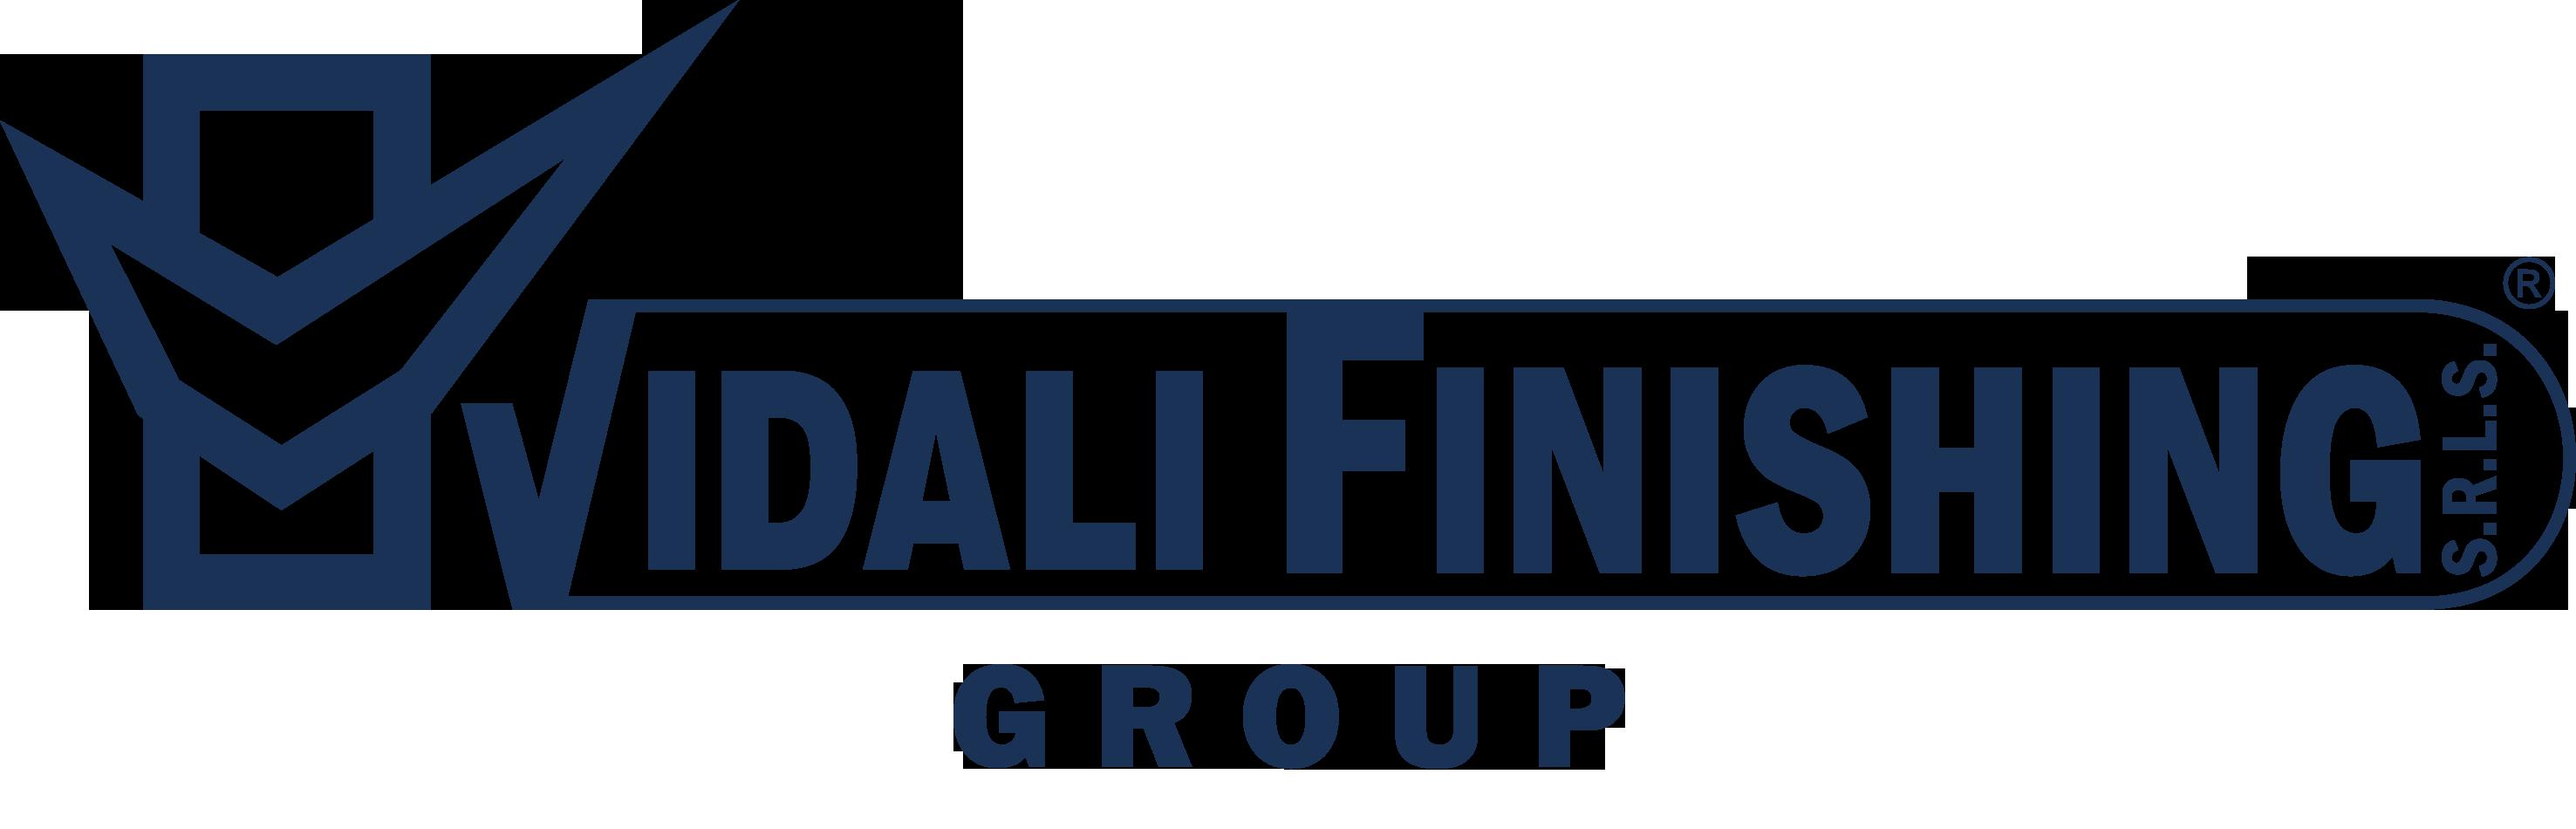 Vidali Finishing Group